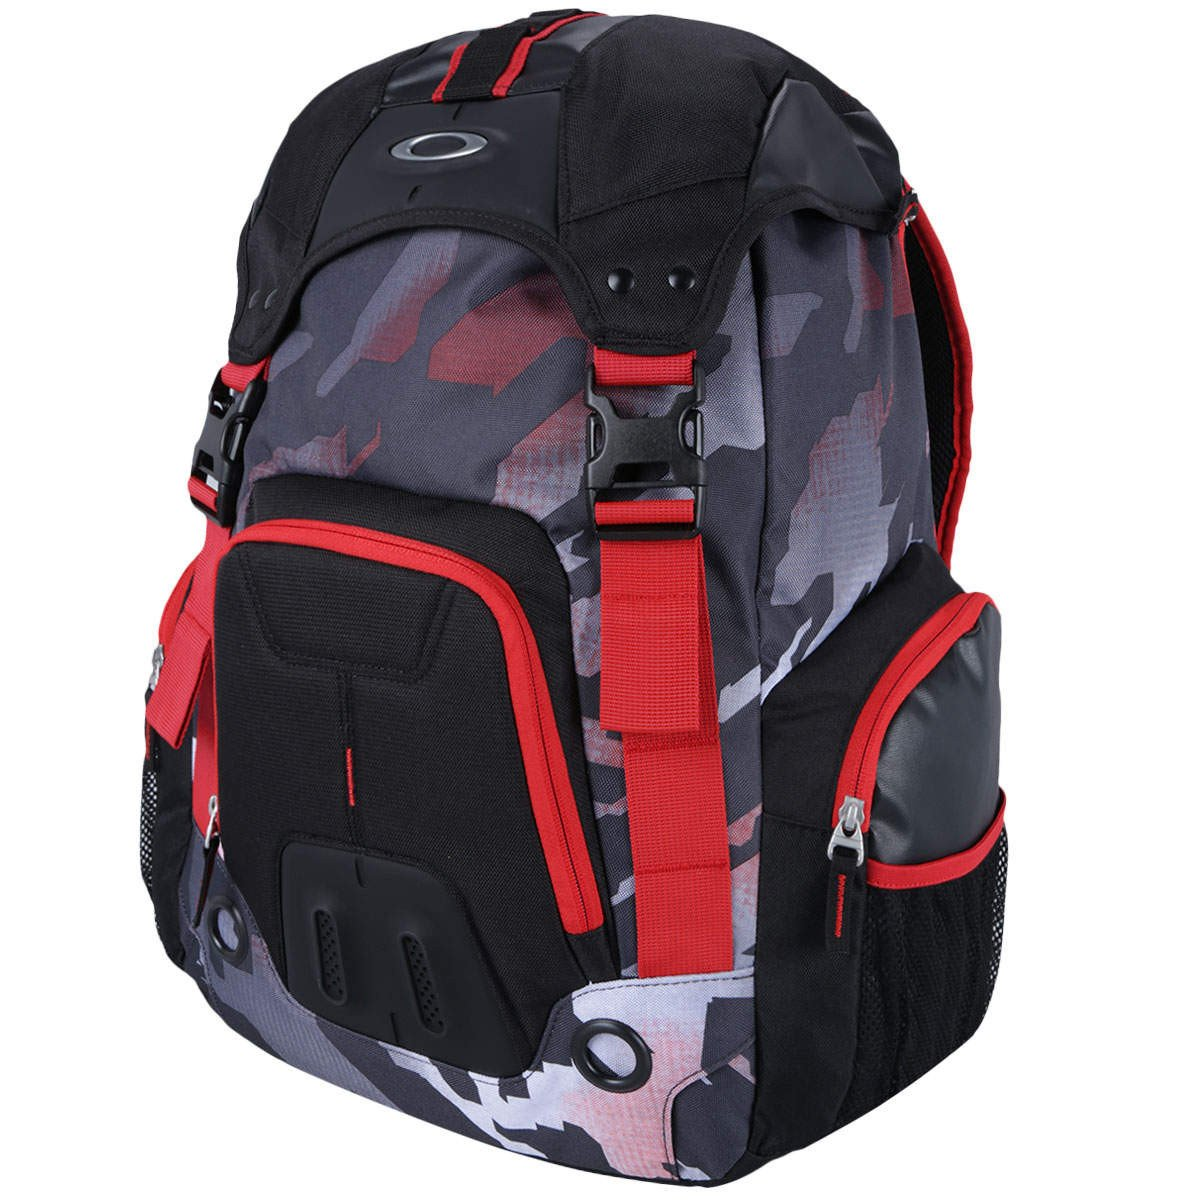 オークリー OAKLEY バックパック リュック ブラック ギアボックス Gearbox LX Backpack 92908 465 新品 【並行輸入品】 B077CLZPBF